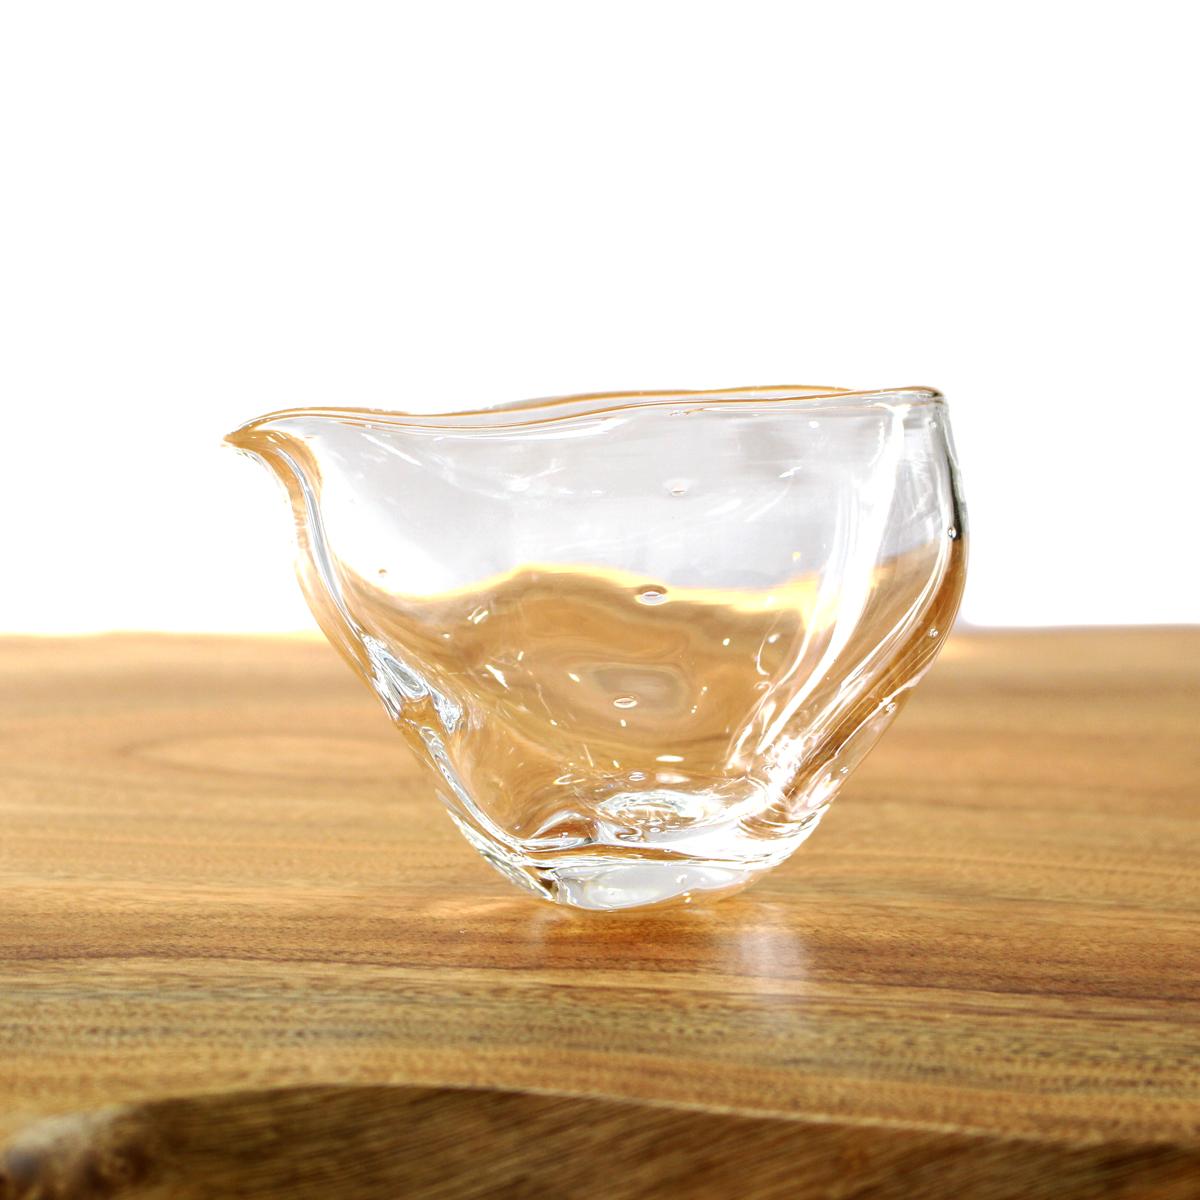 人気の定番 ゆらゆら揺れる オンリーワン 片口 冷酒器 輸入 おしゃれ ガラスアート glasscalico ガラス酒器 ミナモ ハンドメイド ギフト グラスキャリコ プレゼント